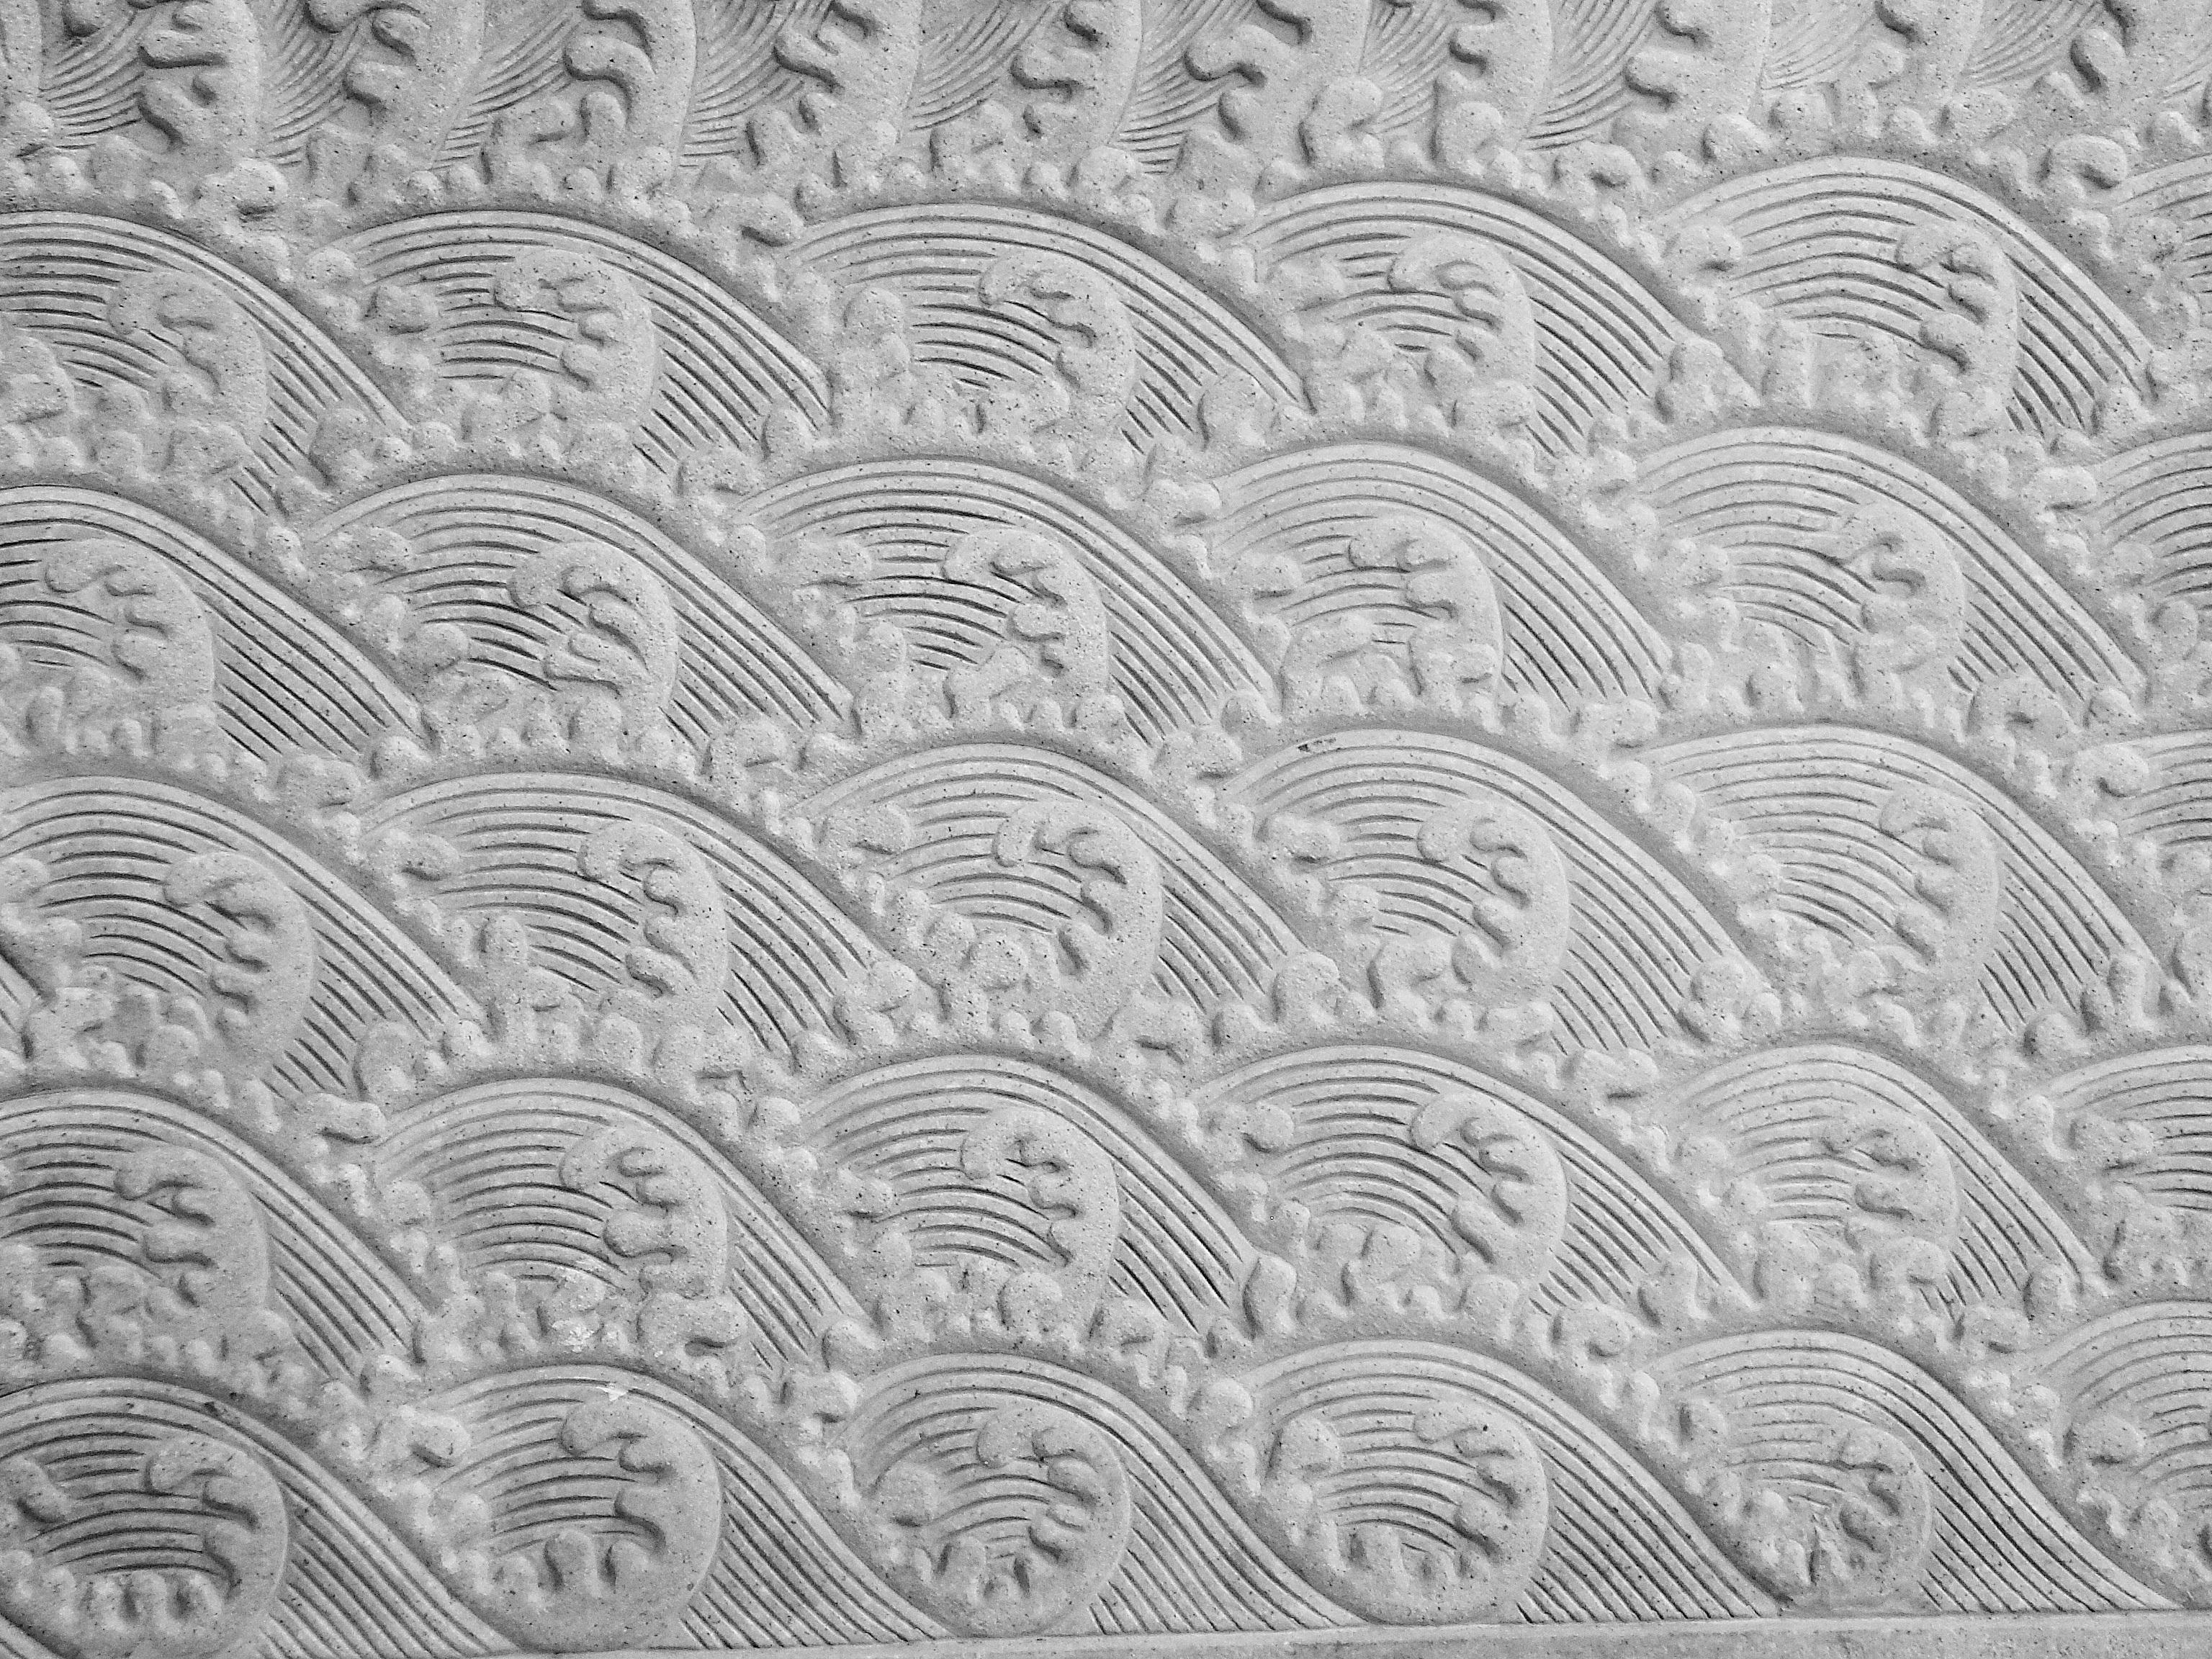 rock en blanco y negro textura piso piedra decoracin patrn lnea antiguo azulejo monocromo circulo escultura